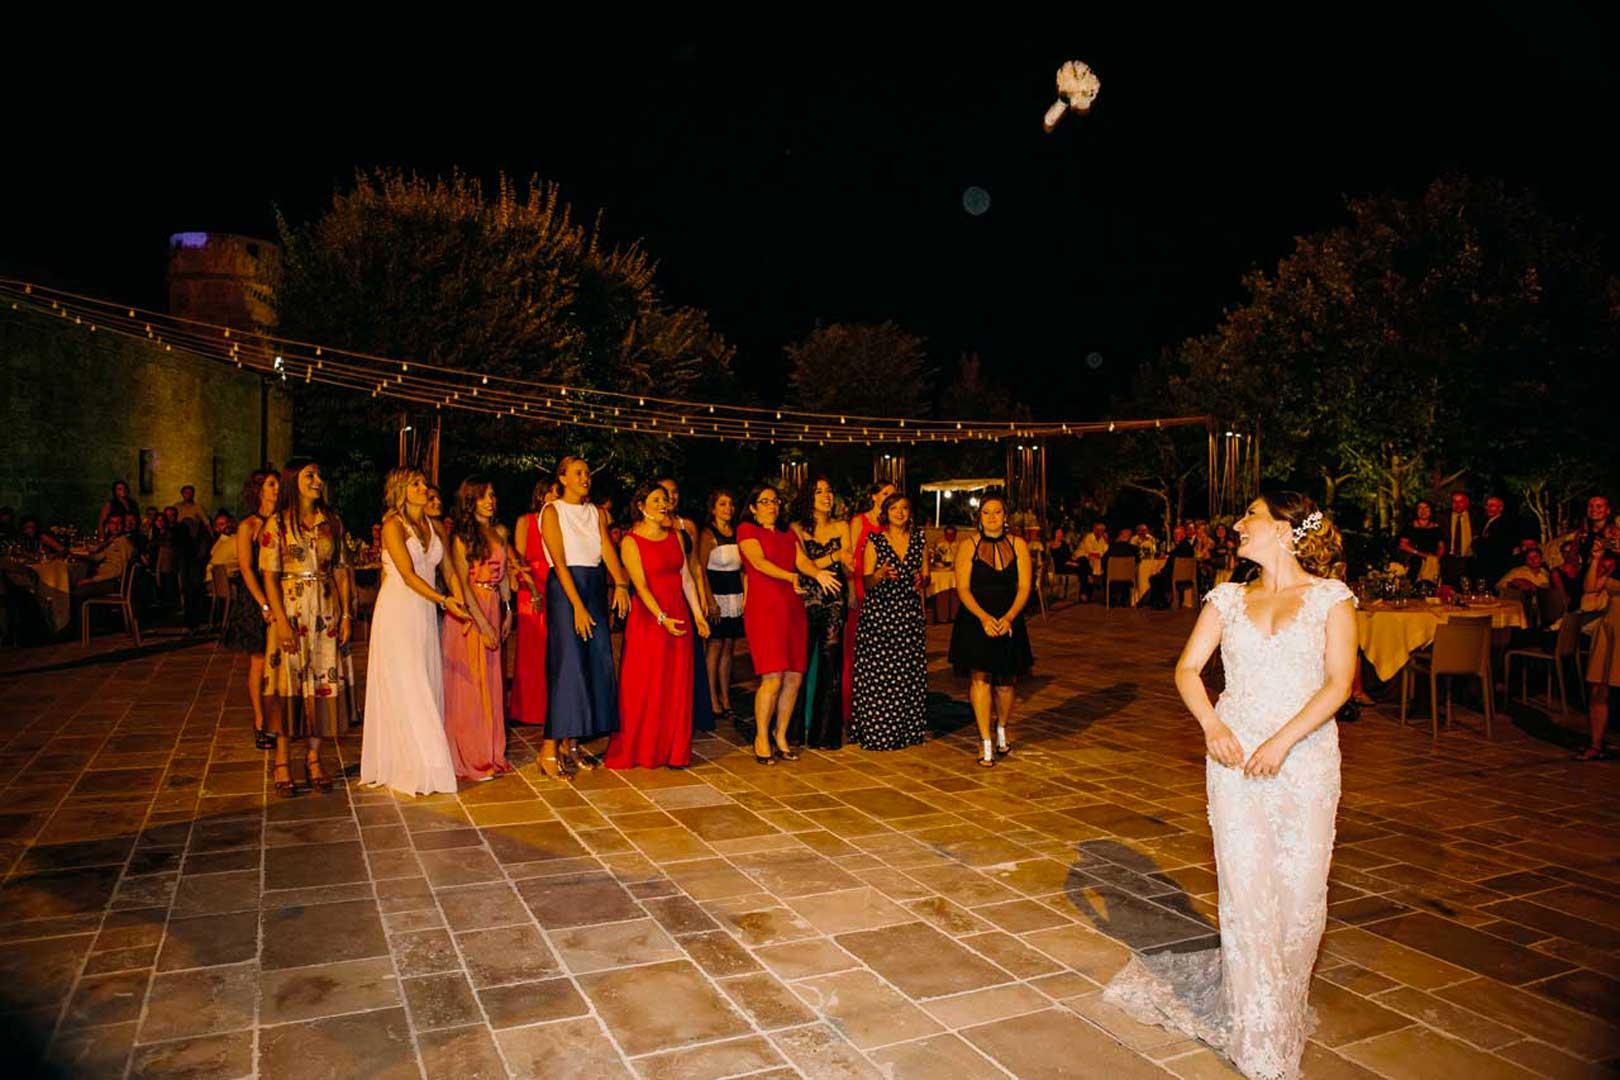 047-lancio-bouquet-luoghi-di-pitti-gianni-lepore-fotografo